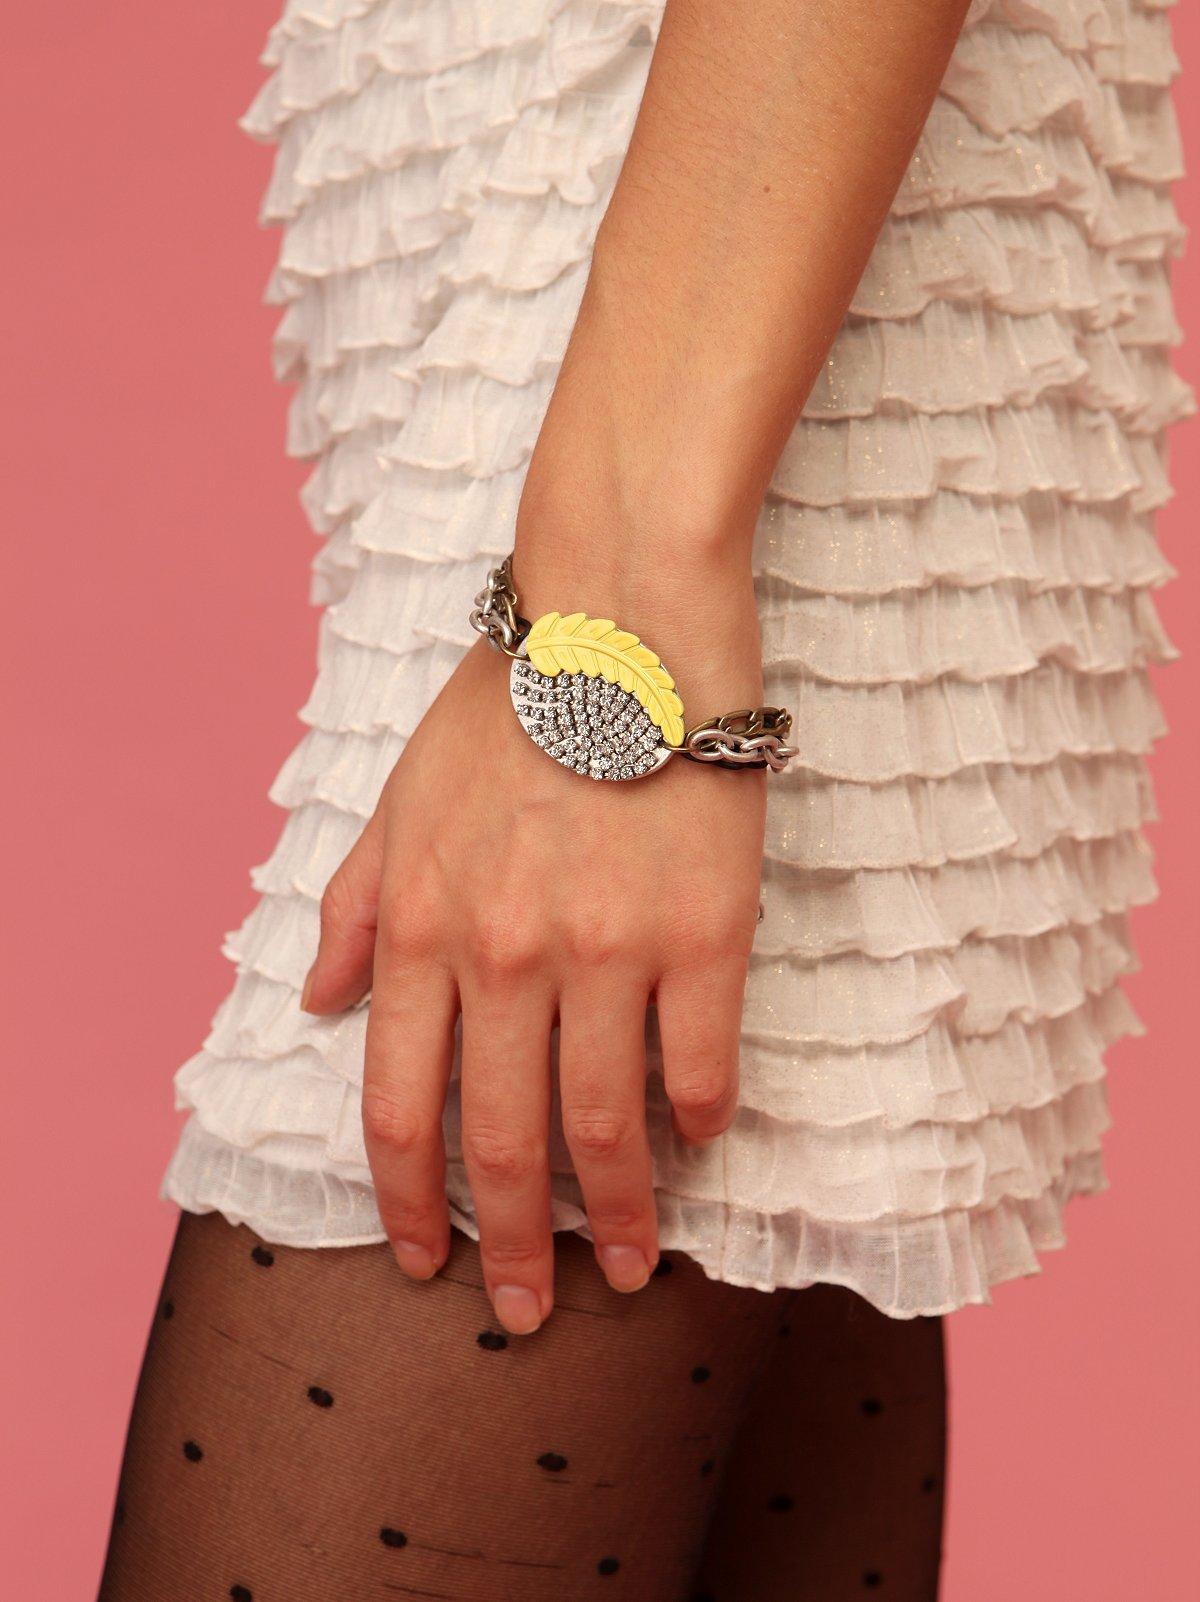 Embellished Id Bracelets